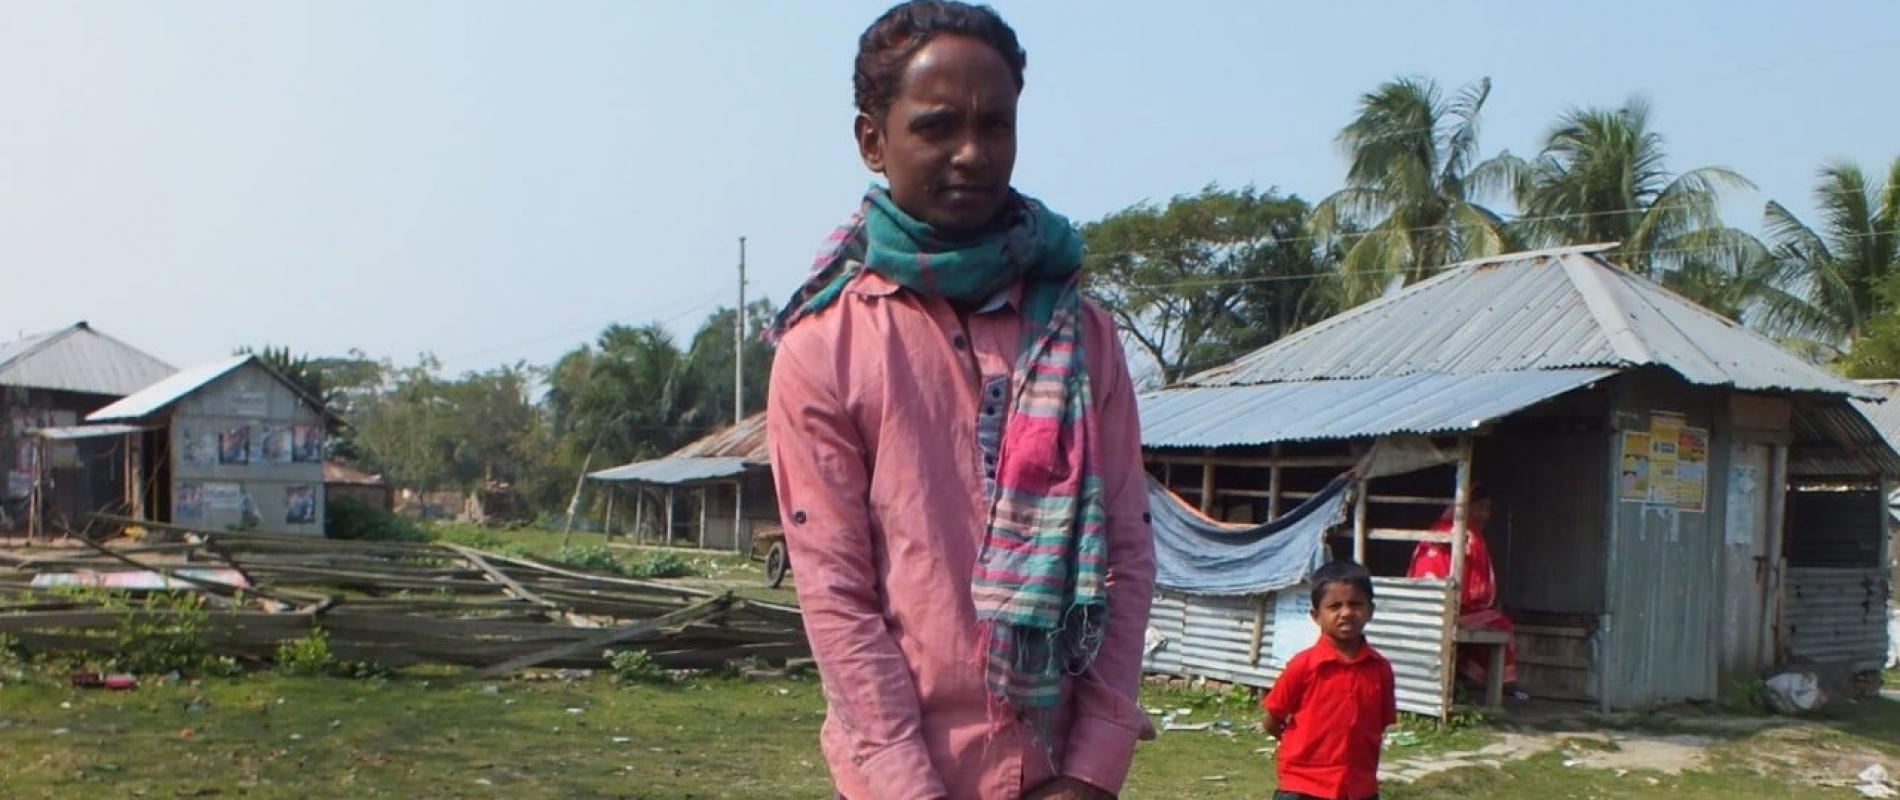 Aswas bangladesh 4 1500x1125